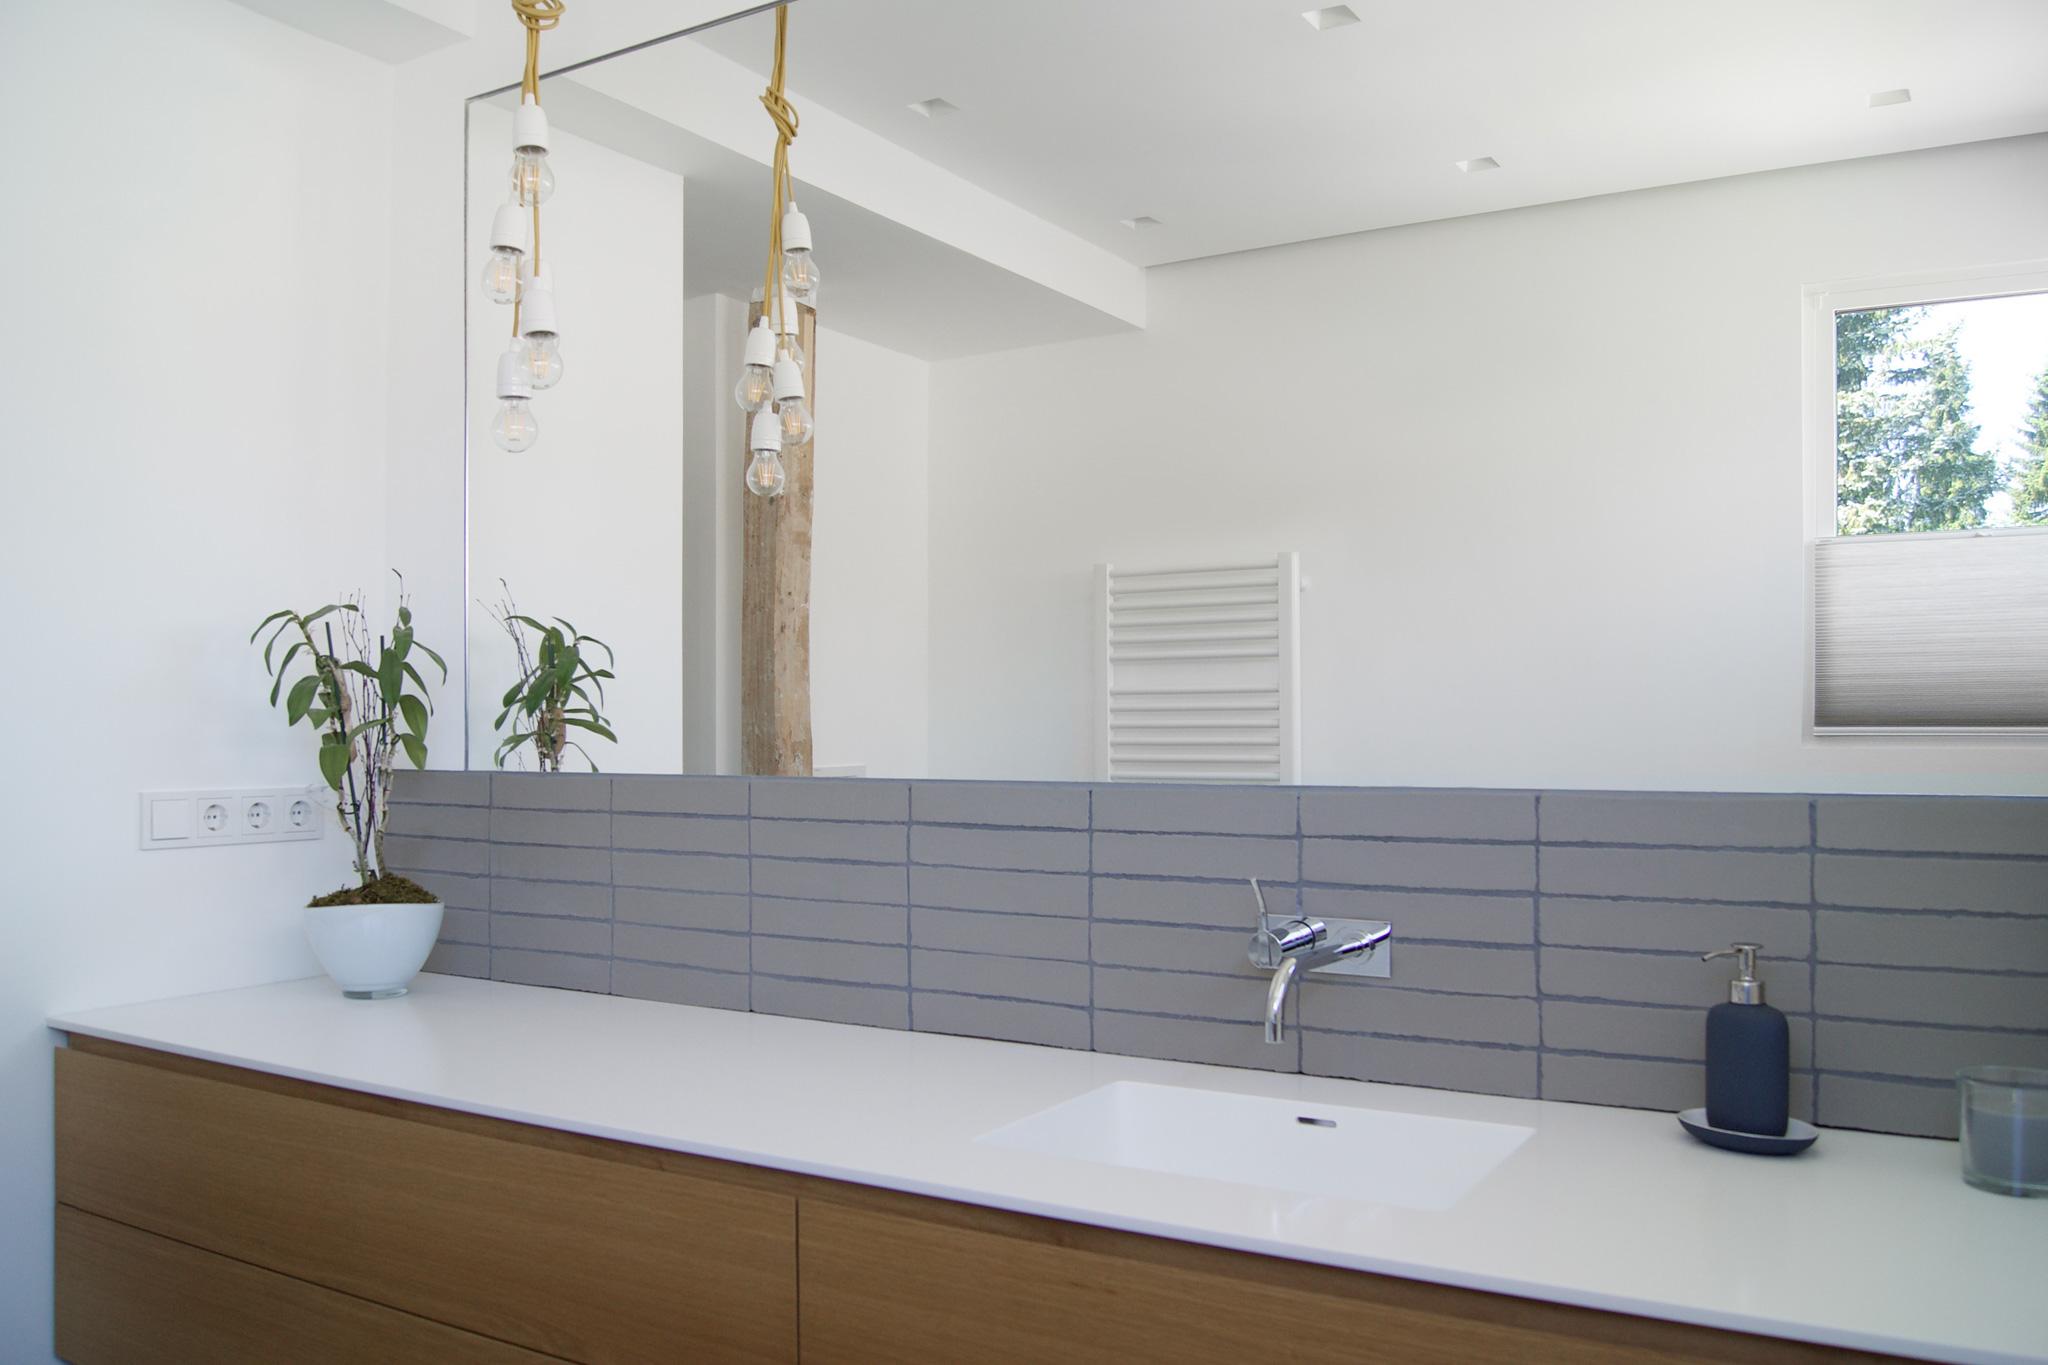 Sarger Architekten: Umbau und Sanierung eines bestehenden Einfamilienhauses in München